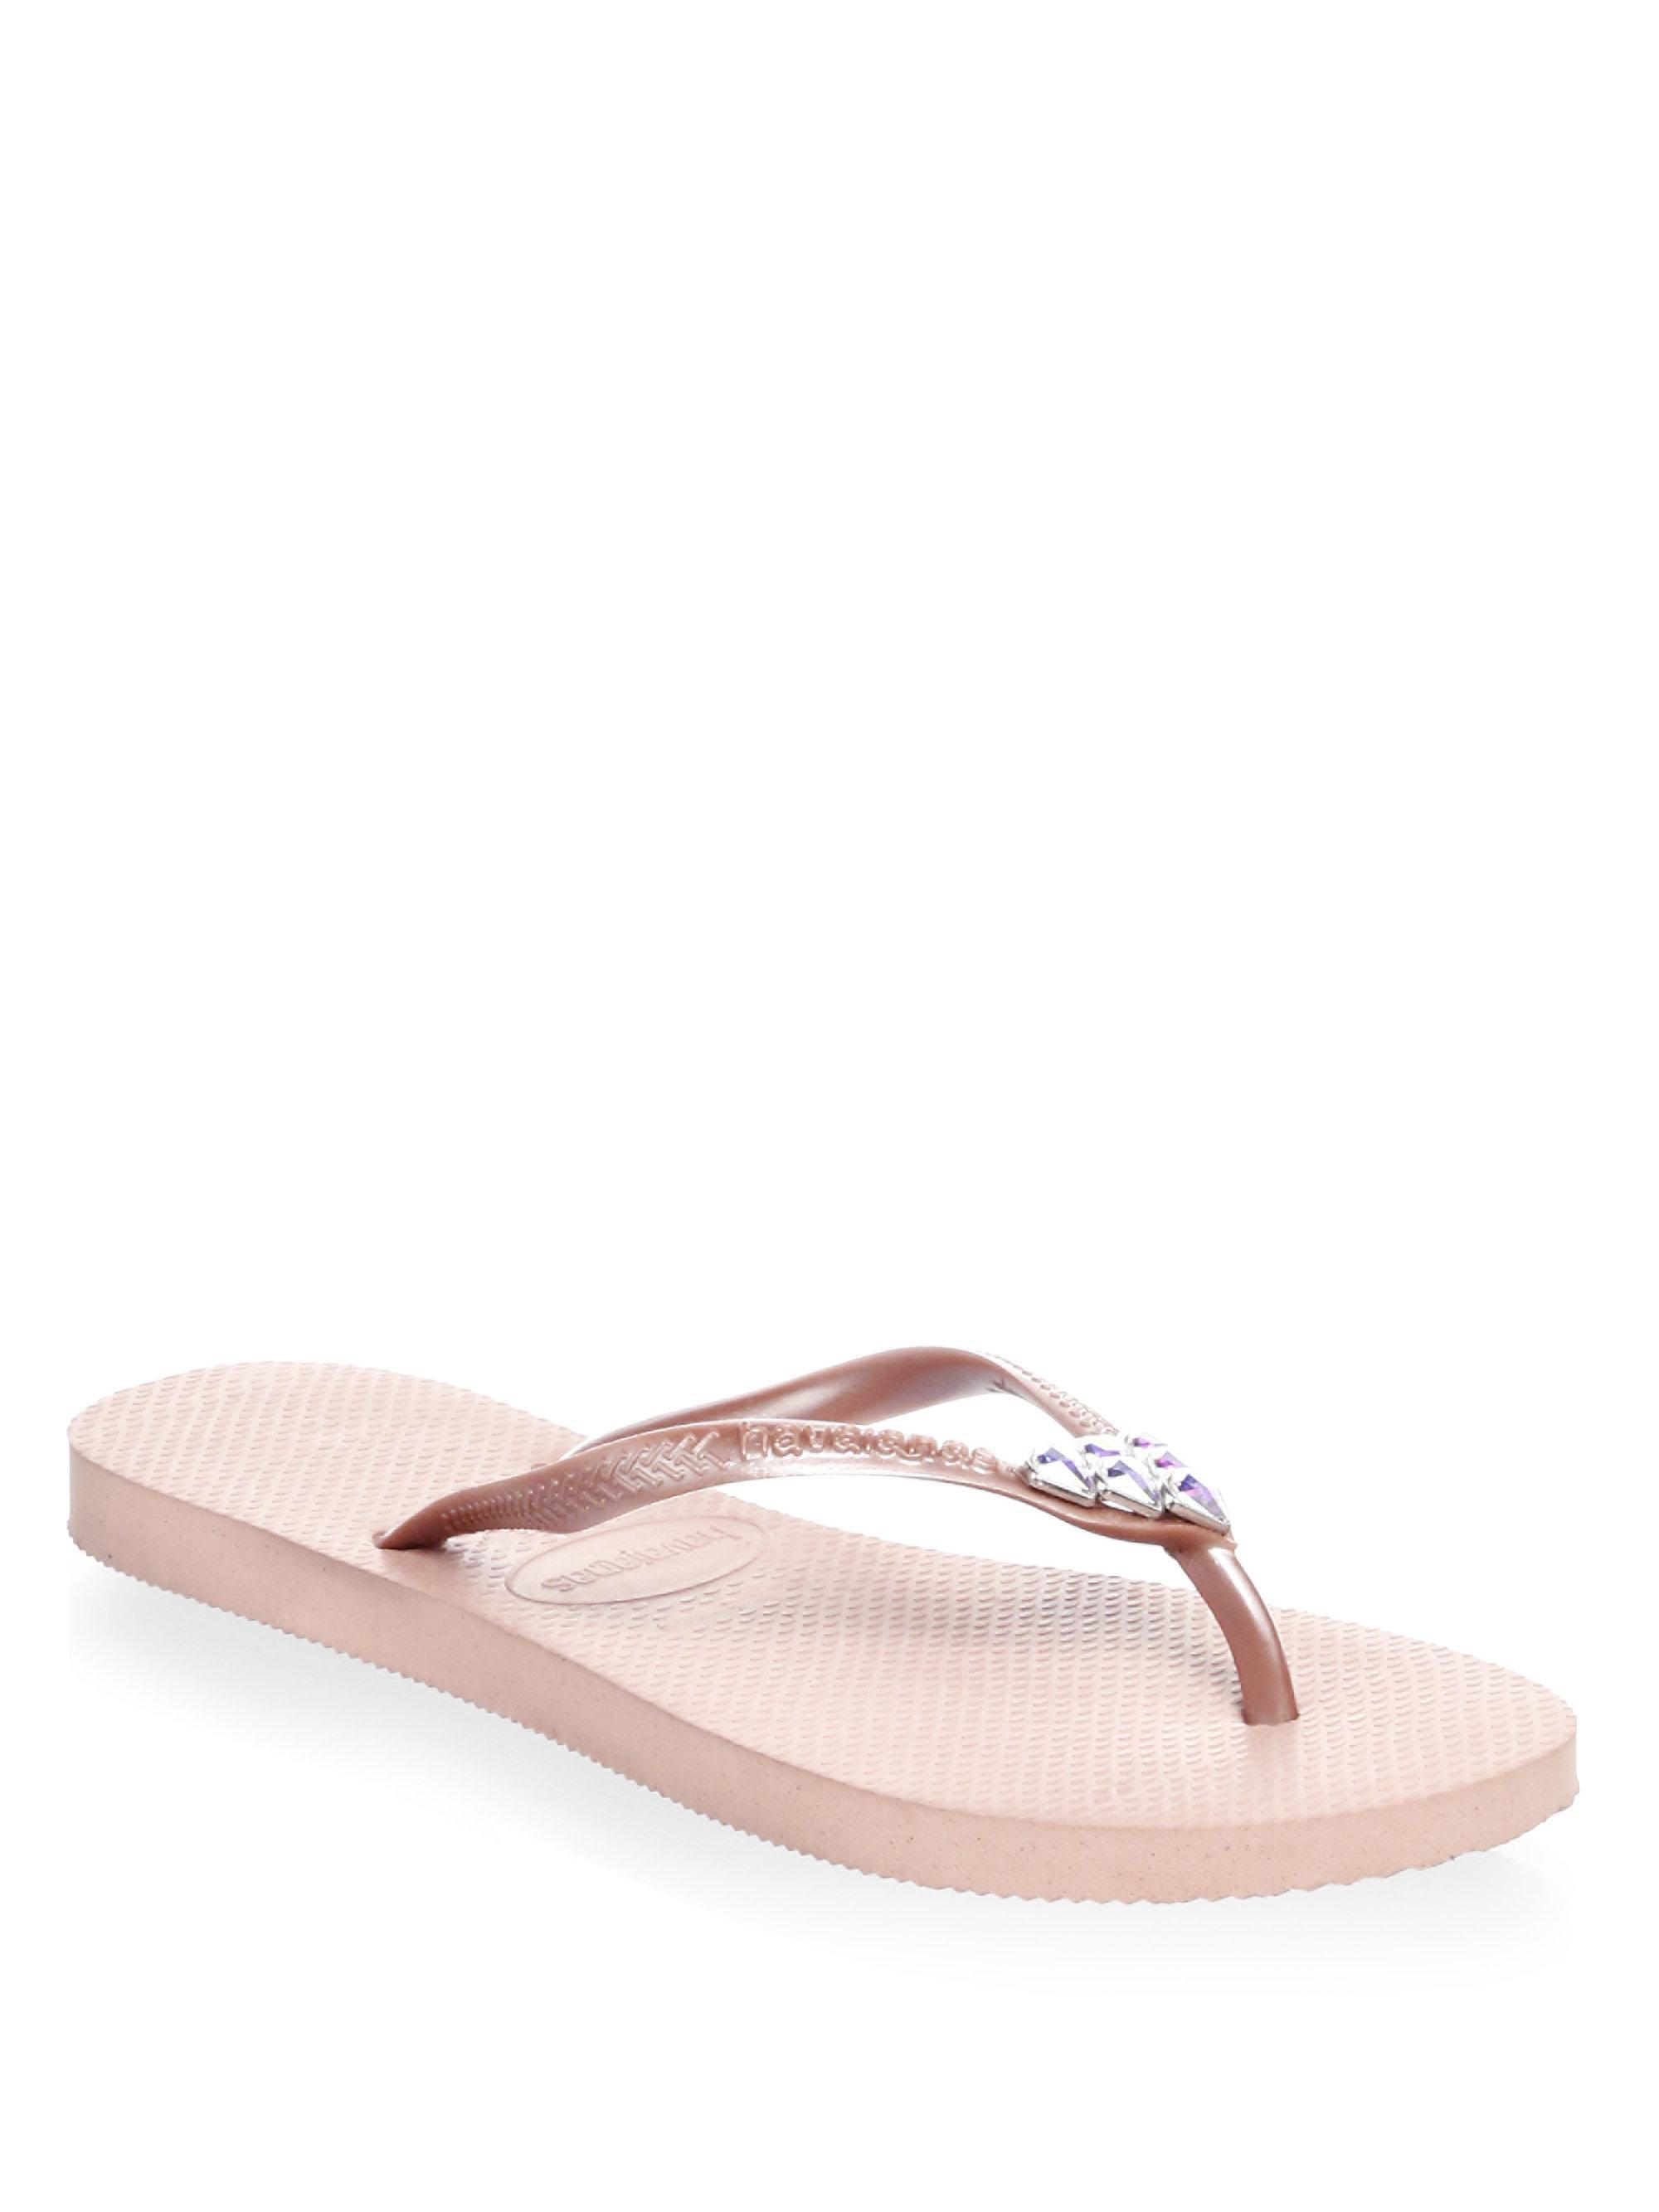 a227cf6e4 Havaianas Slim Mermaid Flip Flops in Pink - Lyst